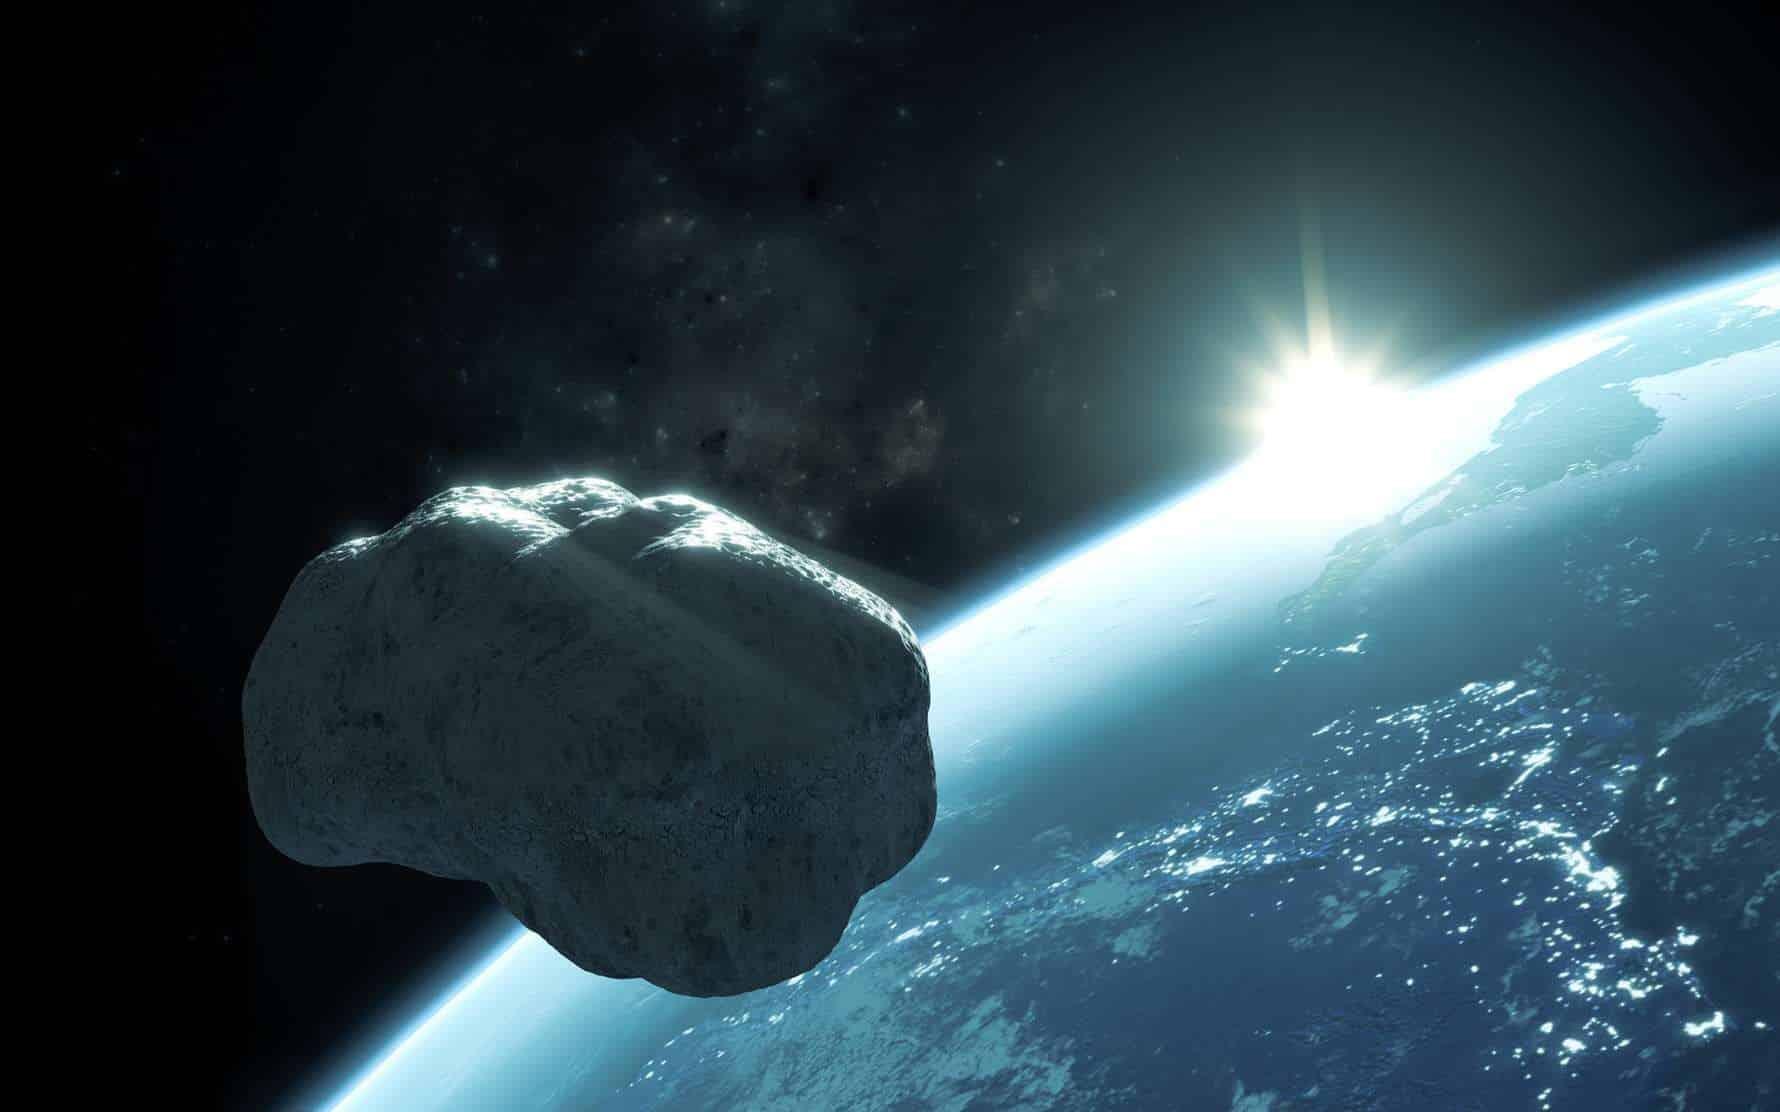 Астероид 2007 FT3 приближается к Земле: дата столкновения. Нас ждет катастрофа?